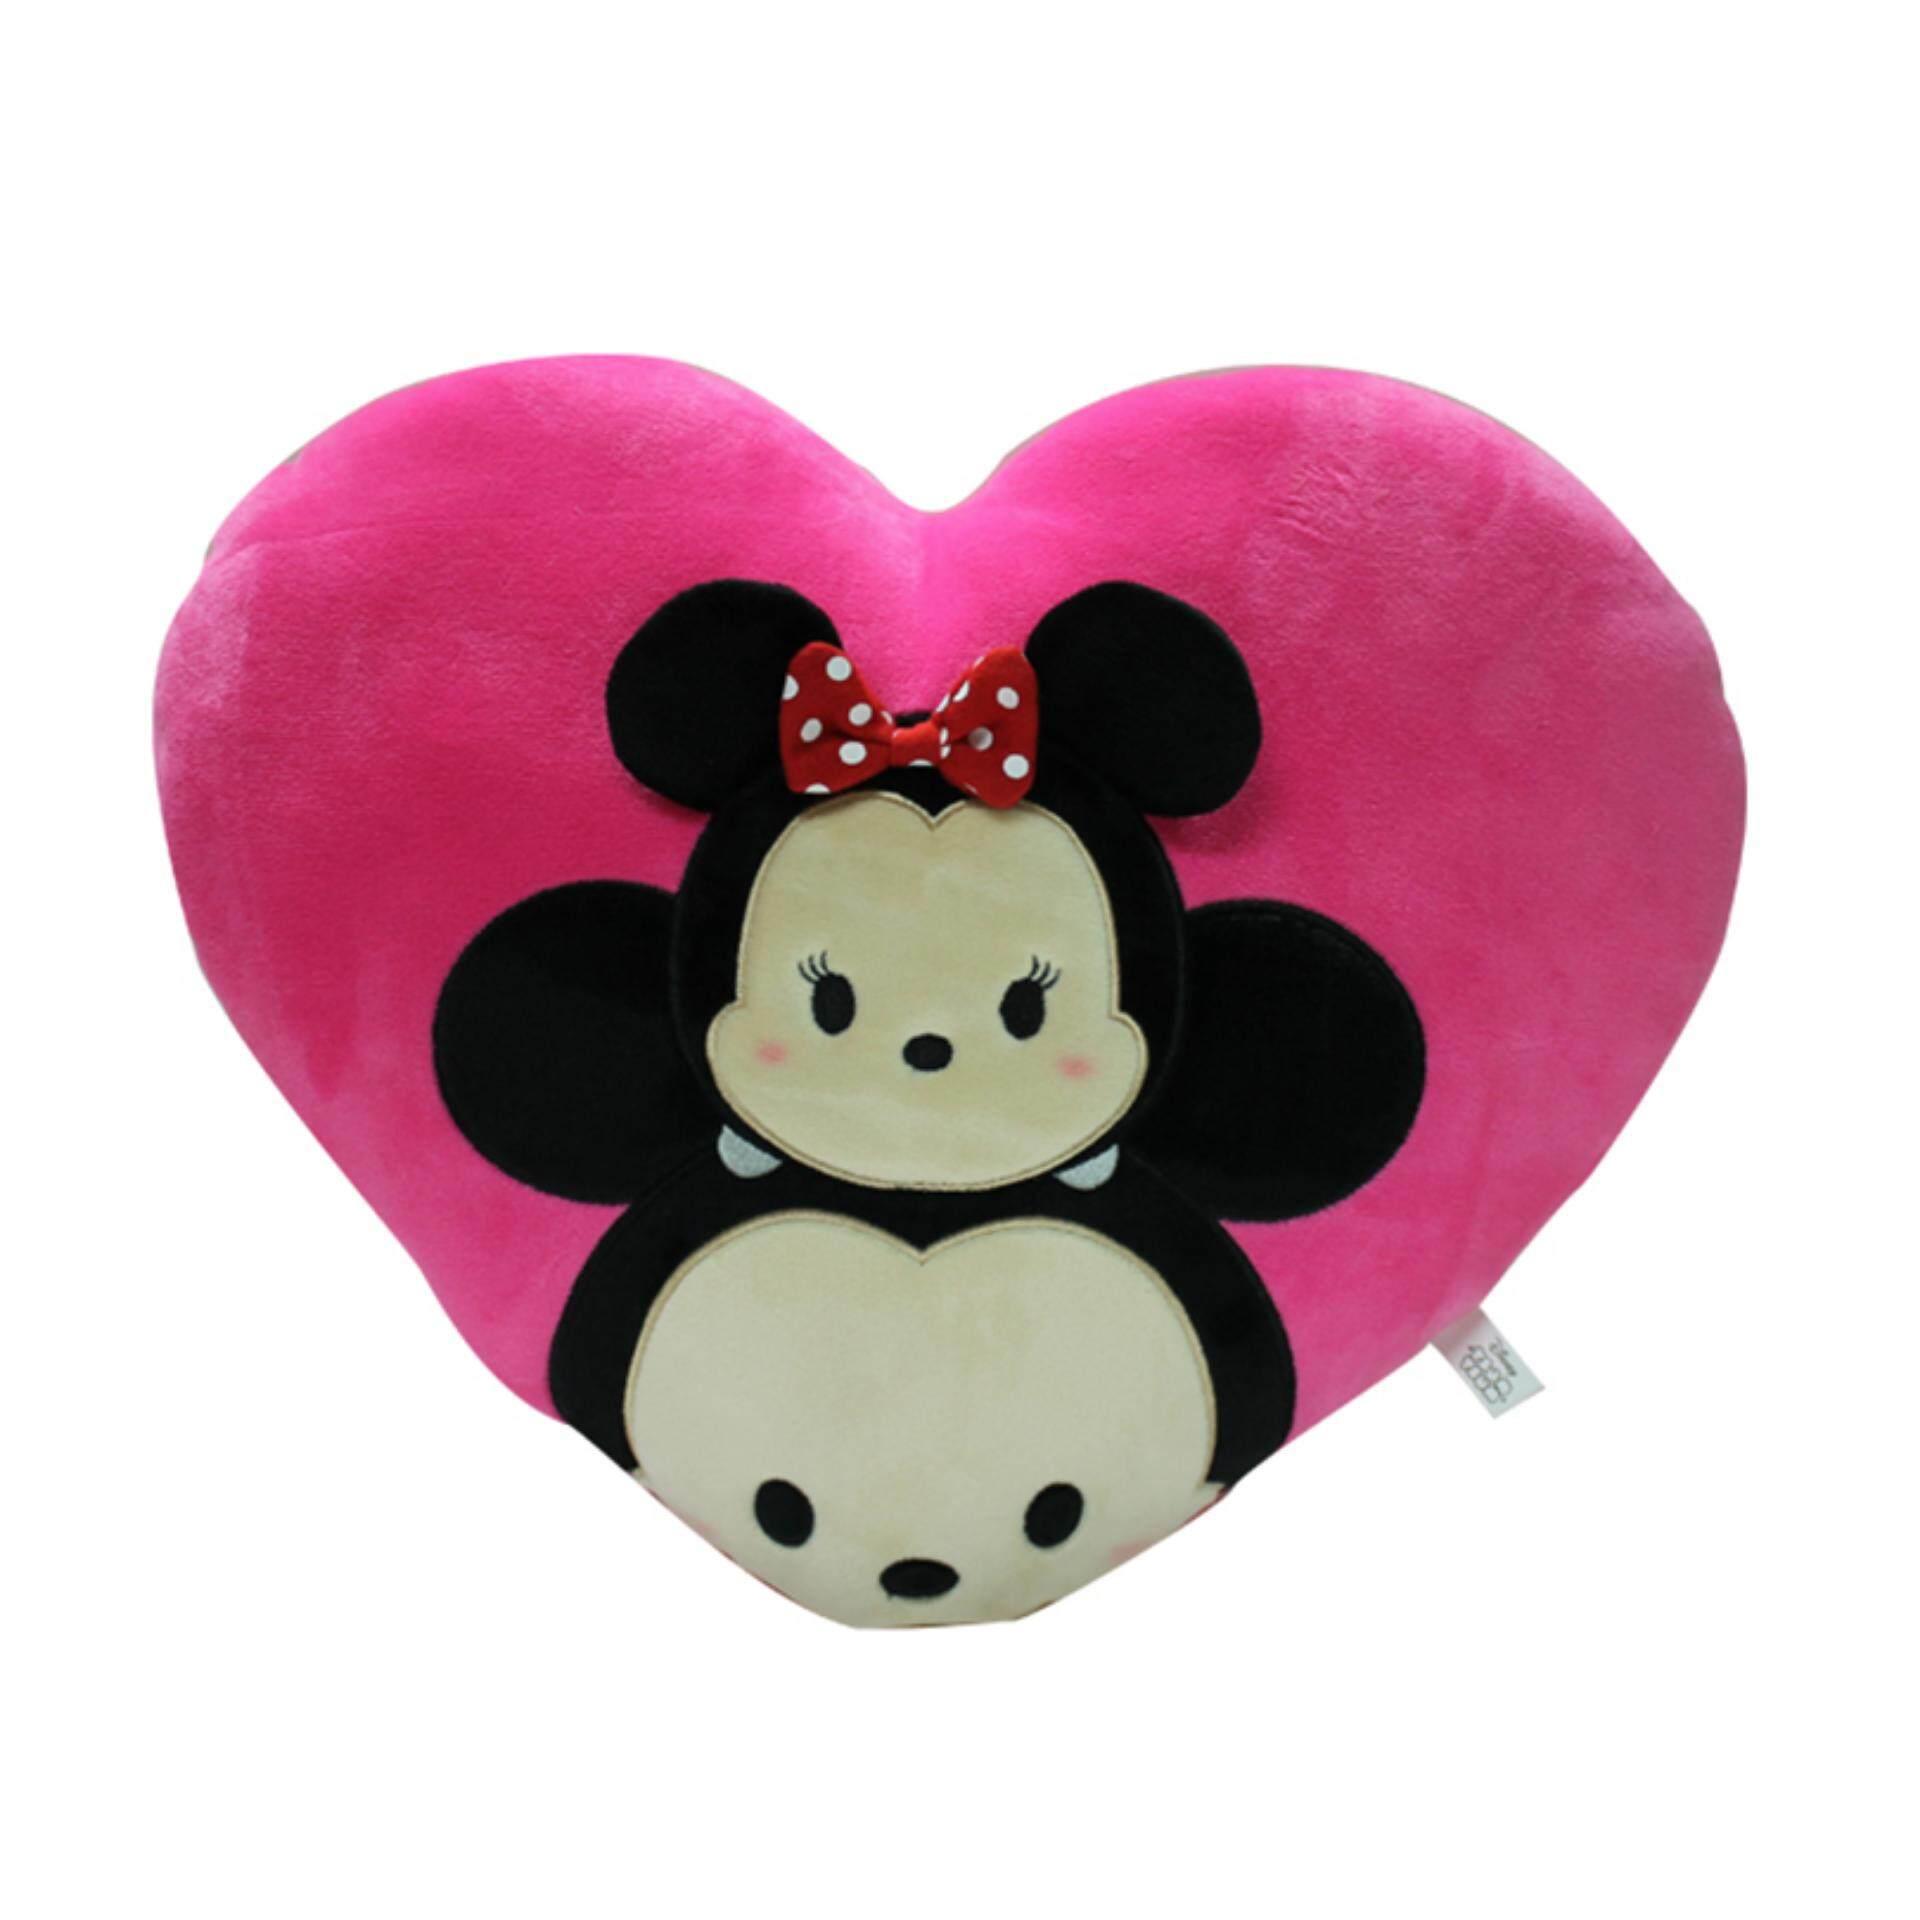 Disney Tsum Tsum Heart Cushion - Mickey & Minnie